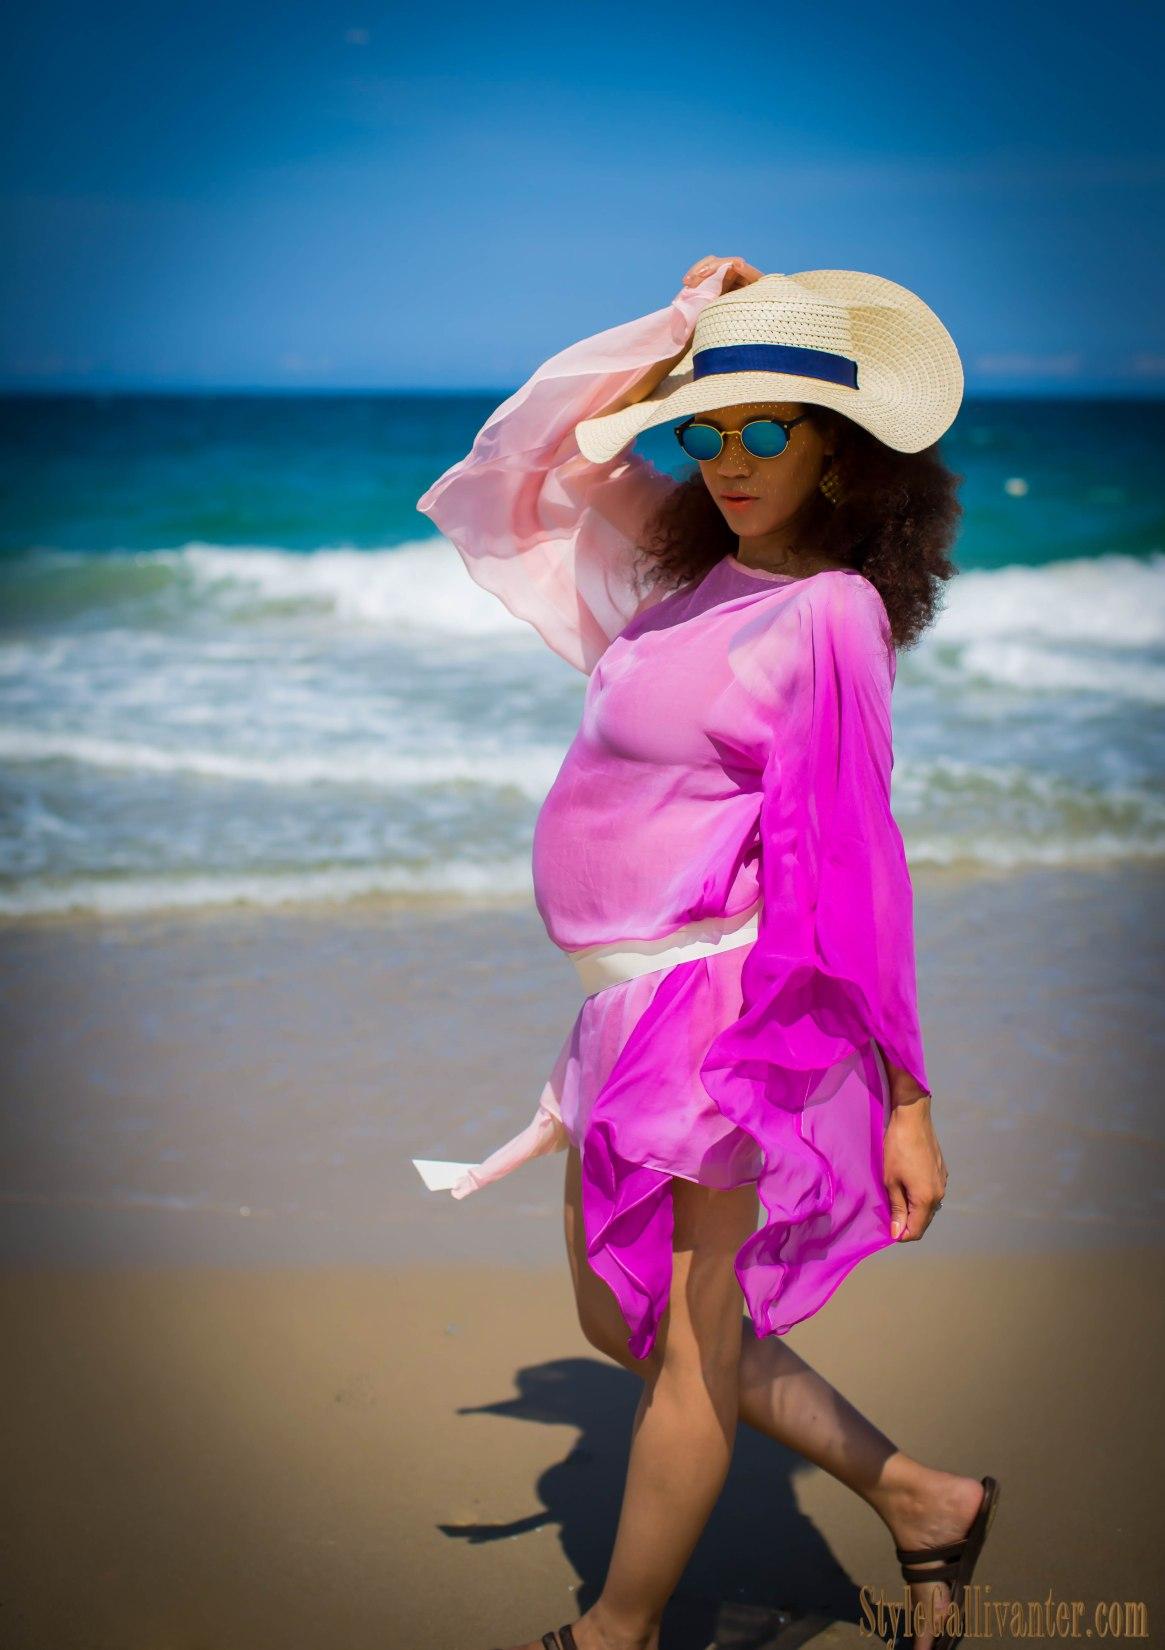 melbourne-australia's-prettiest-fashion-bloggers_UK's-top-best-fashion-blogs_most-interesting-fashion-bloggers-melbourne_best-looking-natural-hair-bloggers-australia-africa_africa's-top-fashion-style-bloggers_fashion-bloggers-with-great-hair_top-10-australian-fashion-blogs_most-beautiful-holiday-destinations-2014_top-10-holiday-destions-2014-2015_top-travel-bloggers-melbourne-australia_best-destination-bloggers-australia_leiela-art-du-jour-2014-25